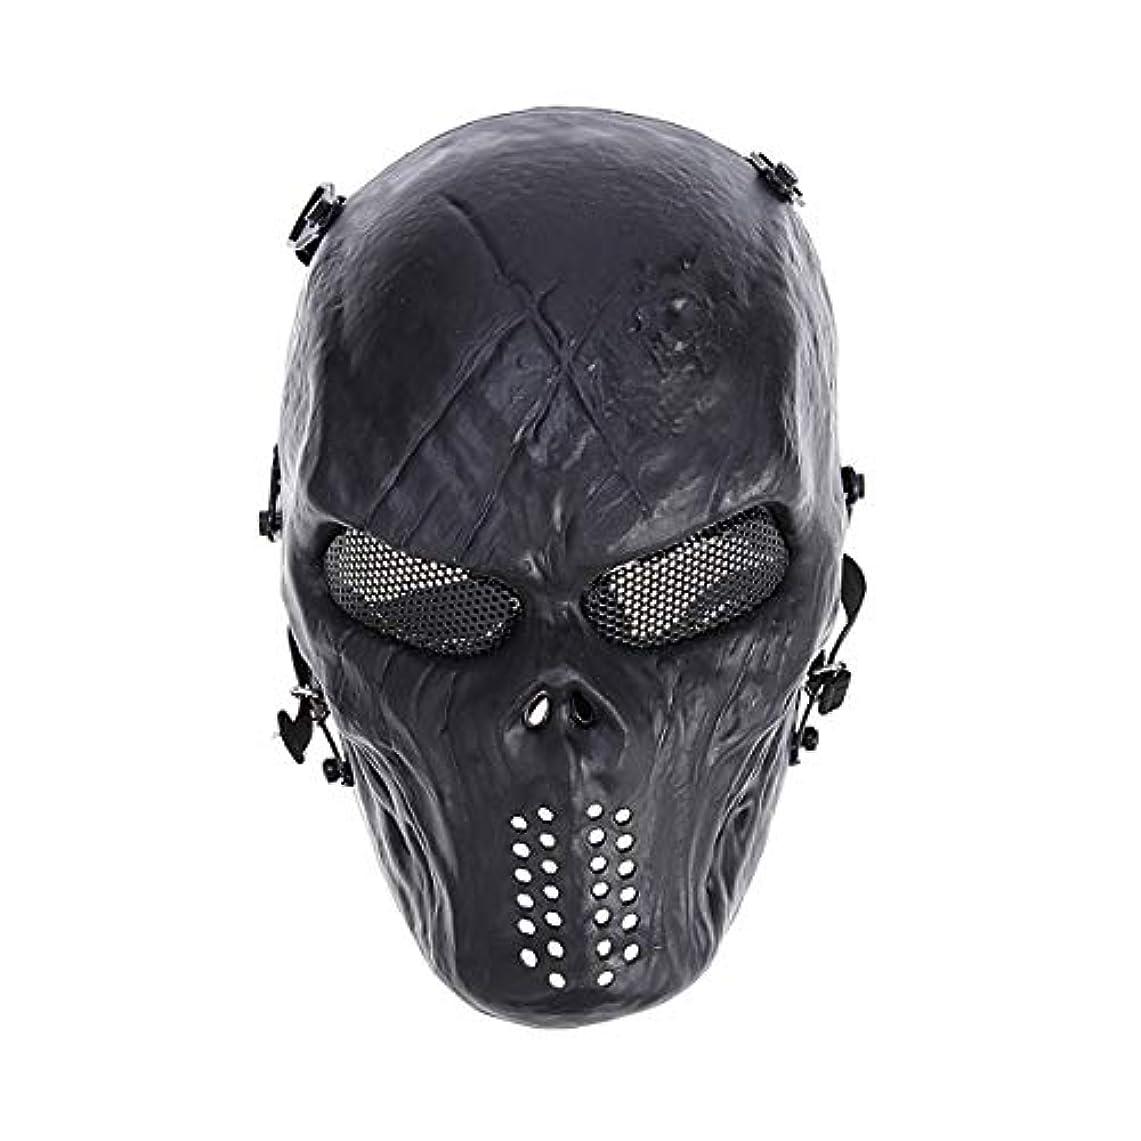 天スラッシュ操作VORCOOL CSフィールドマスクハロウィンパーティーコスチュームマスク調整可能な戦術マスク戦闘保護顔耳保護征服マスク(黒)